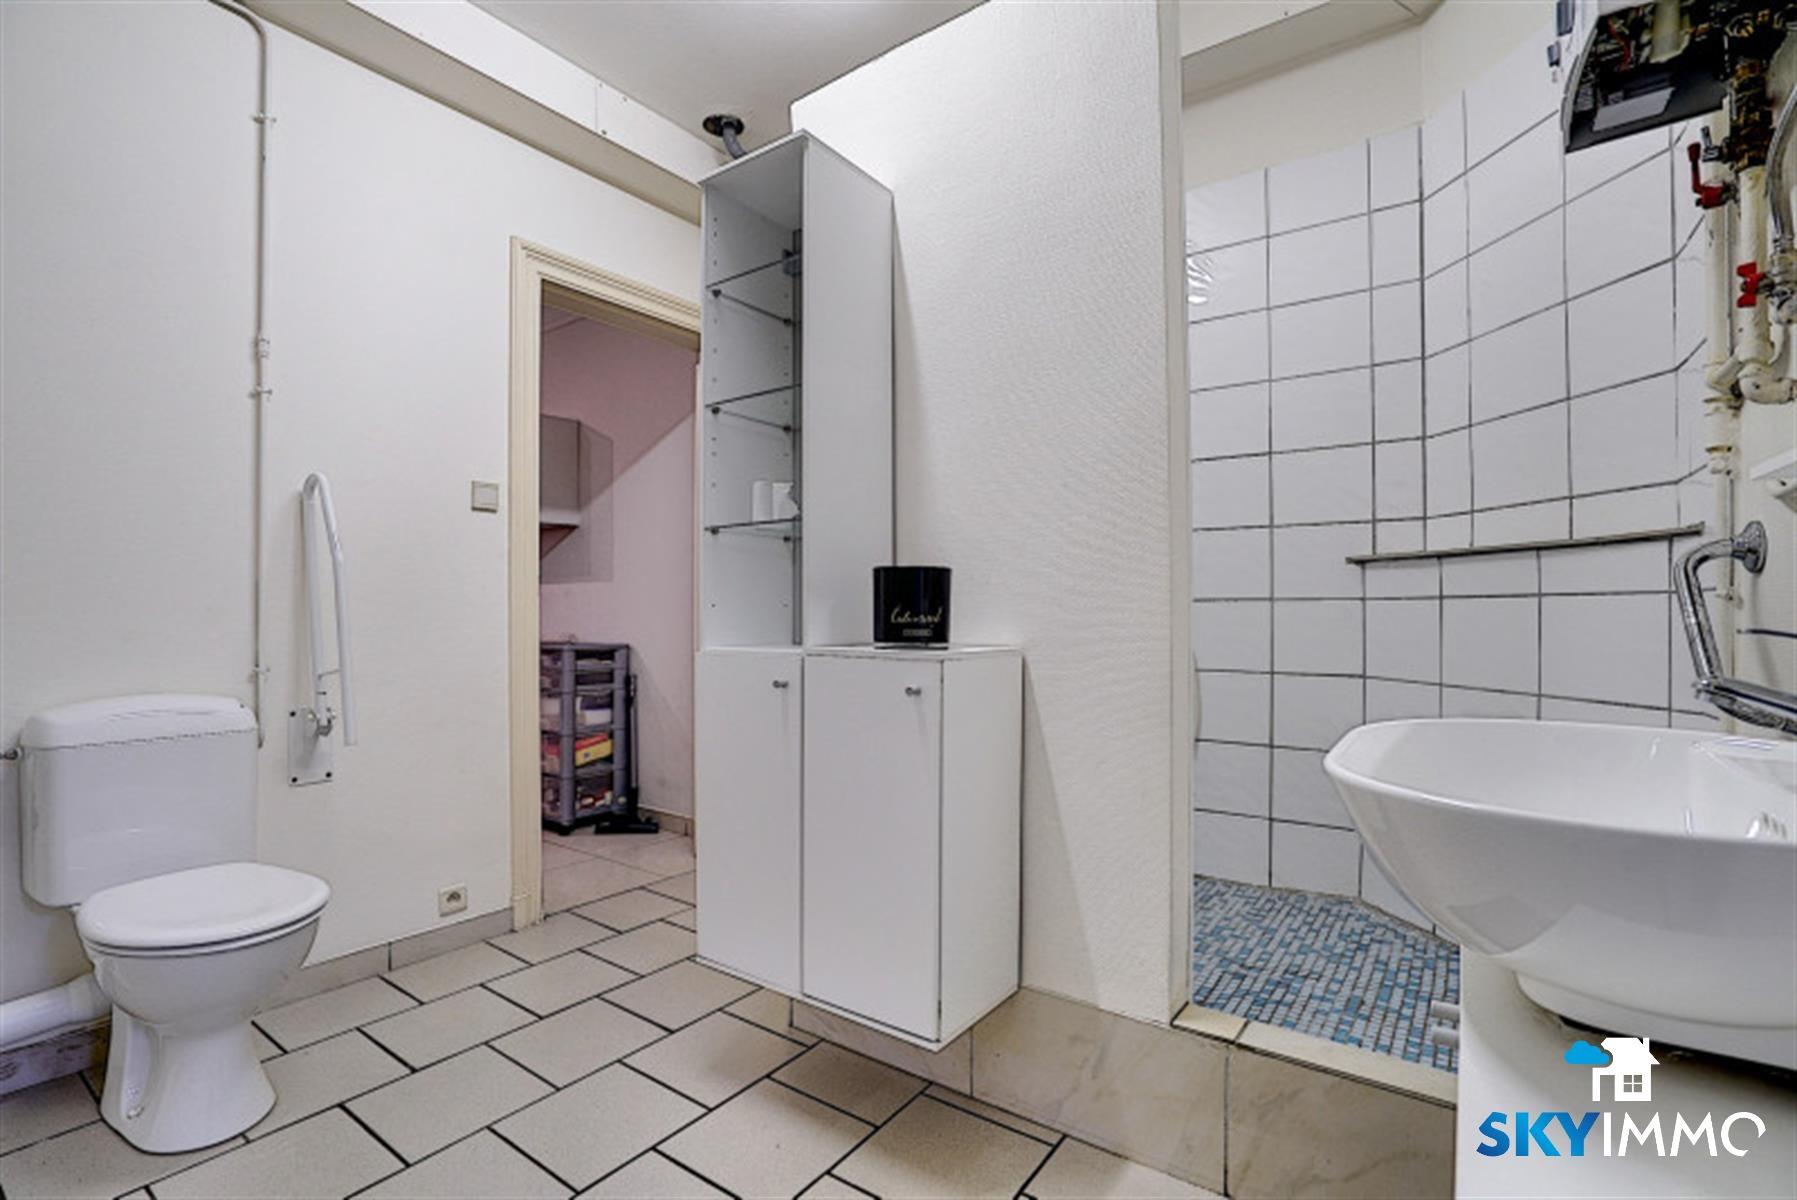 Maison - Liège - #4262984-12